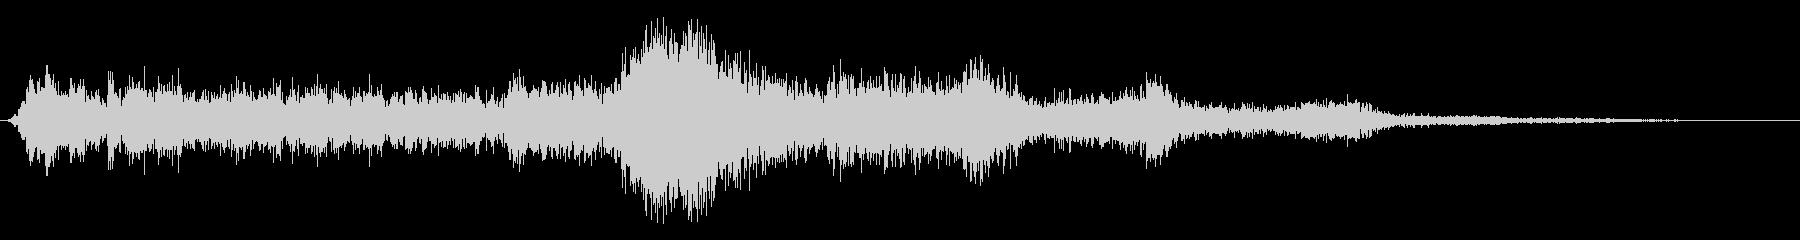 キュルルル (マシンの作動音)の未再生の波形